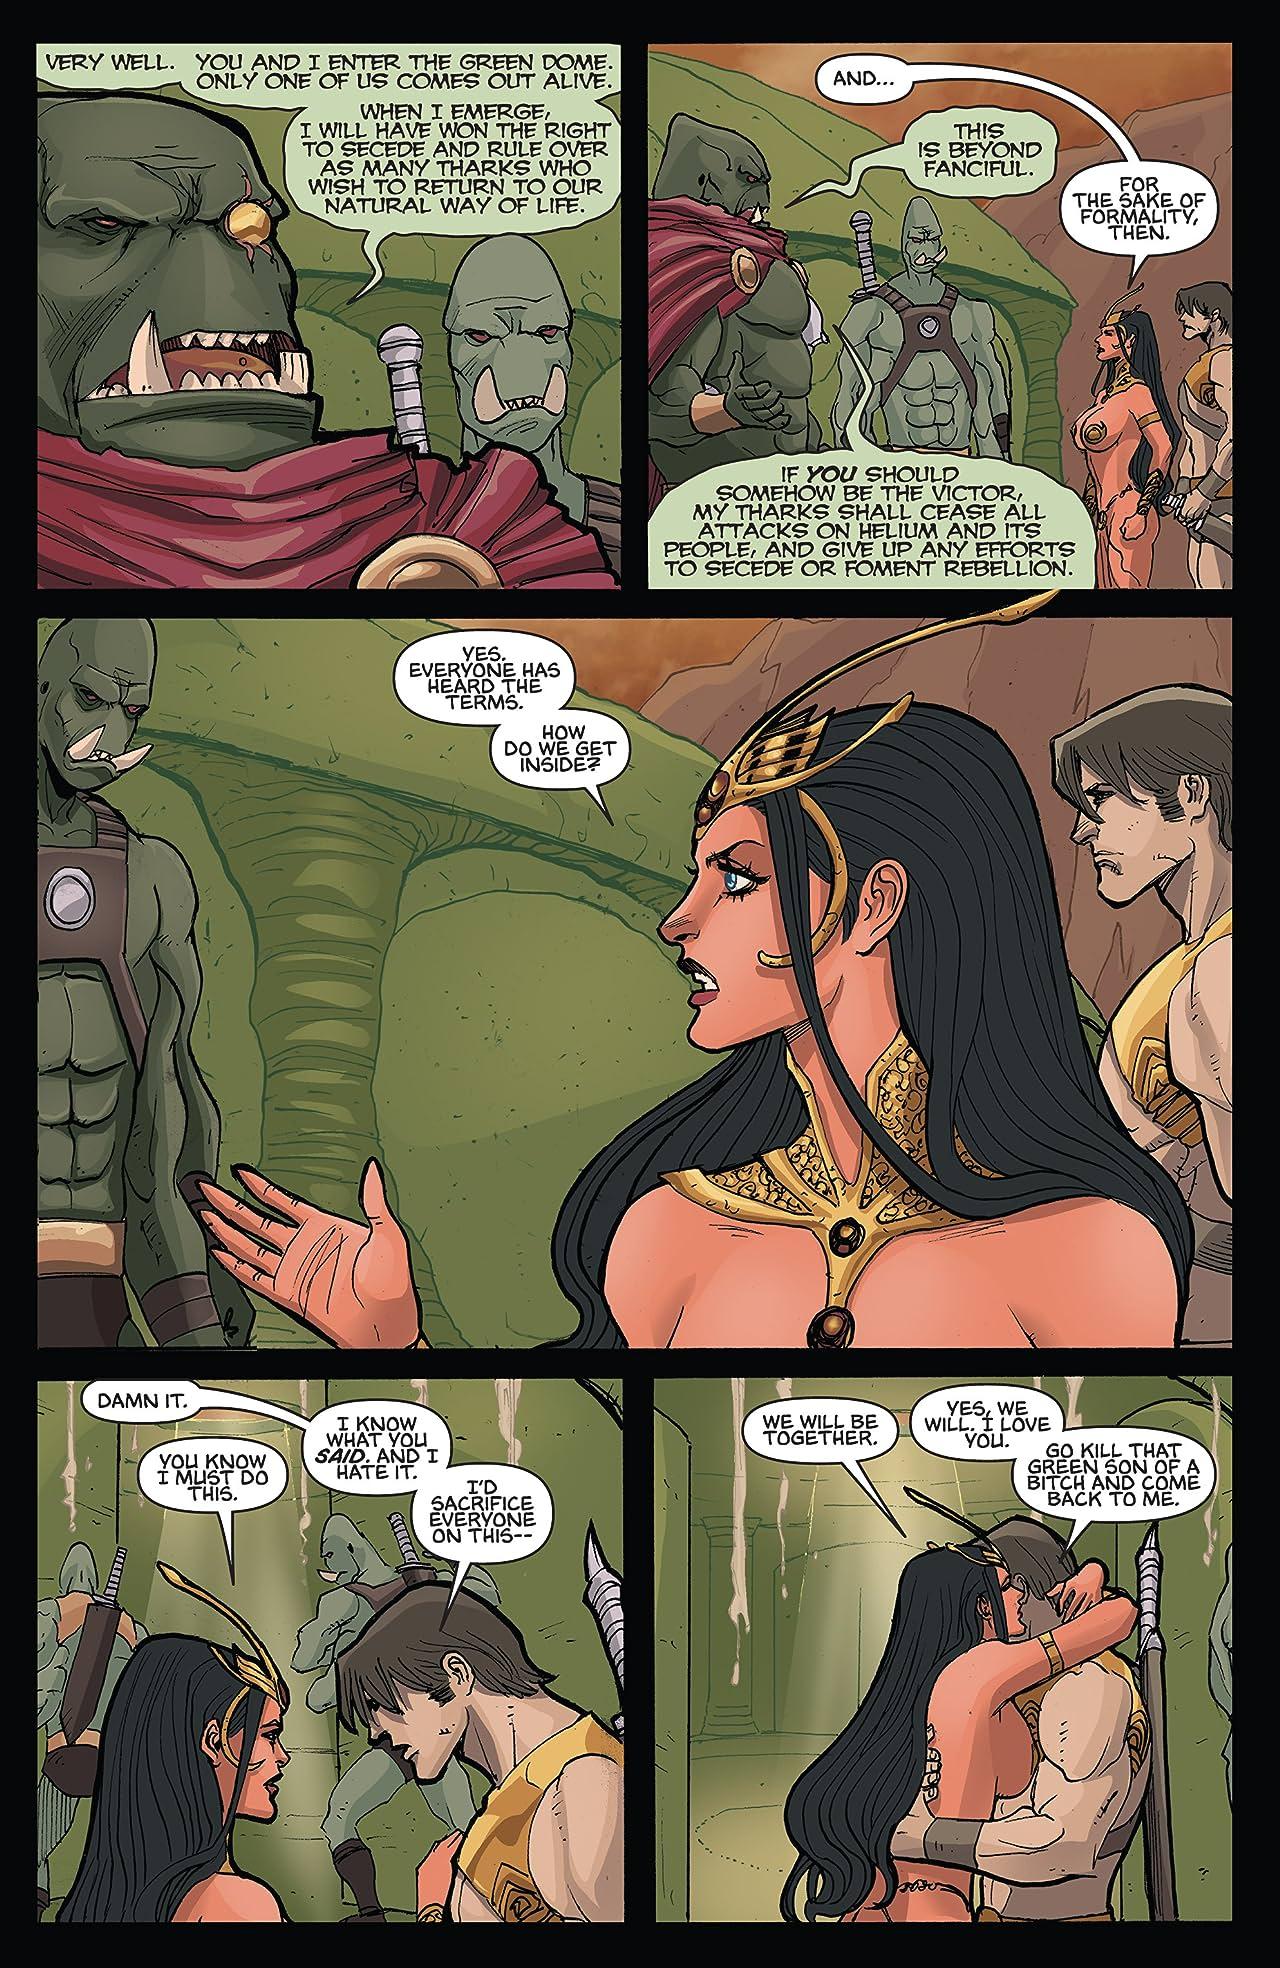 Dejah Thoris and the Green Men of Mars #8 (of 12)